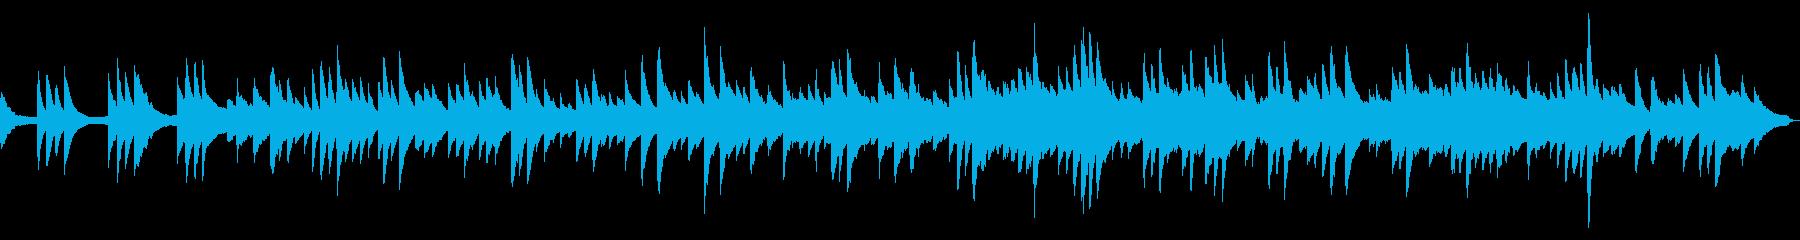 穏やかでノスタルジックなピアノソロの再生済みの波形